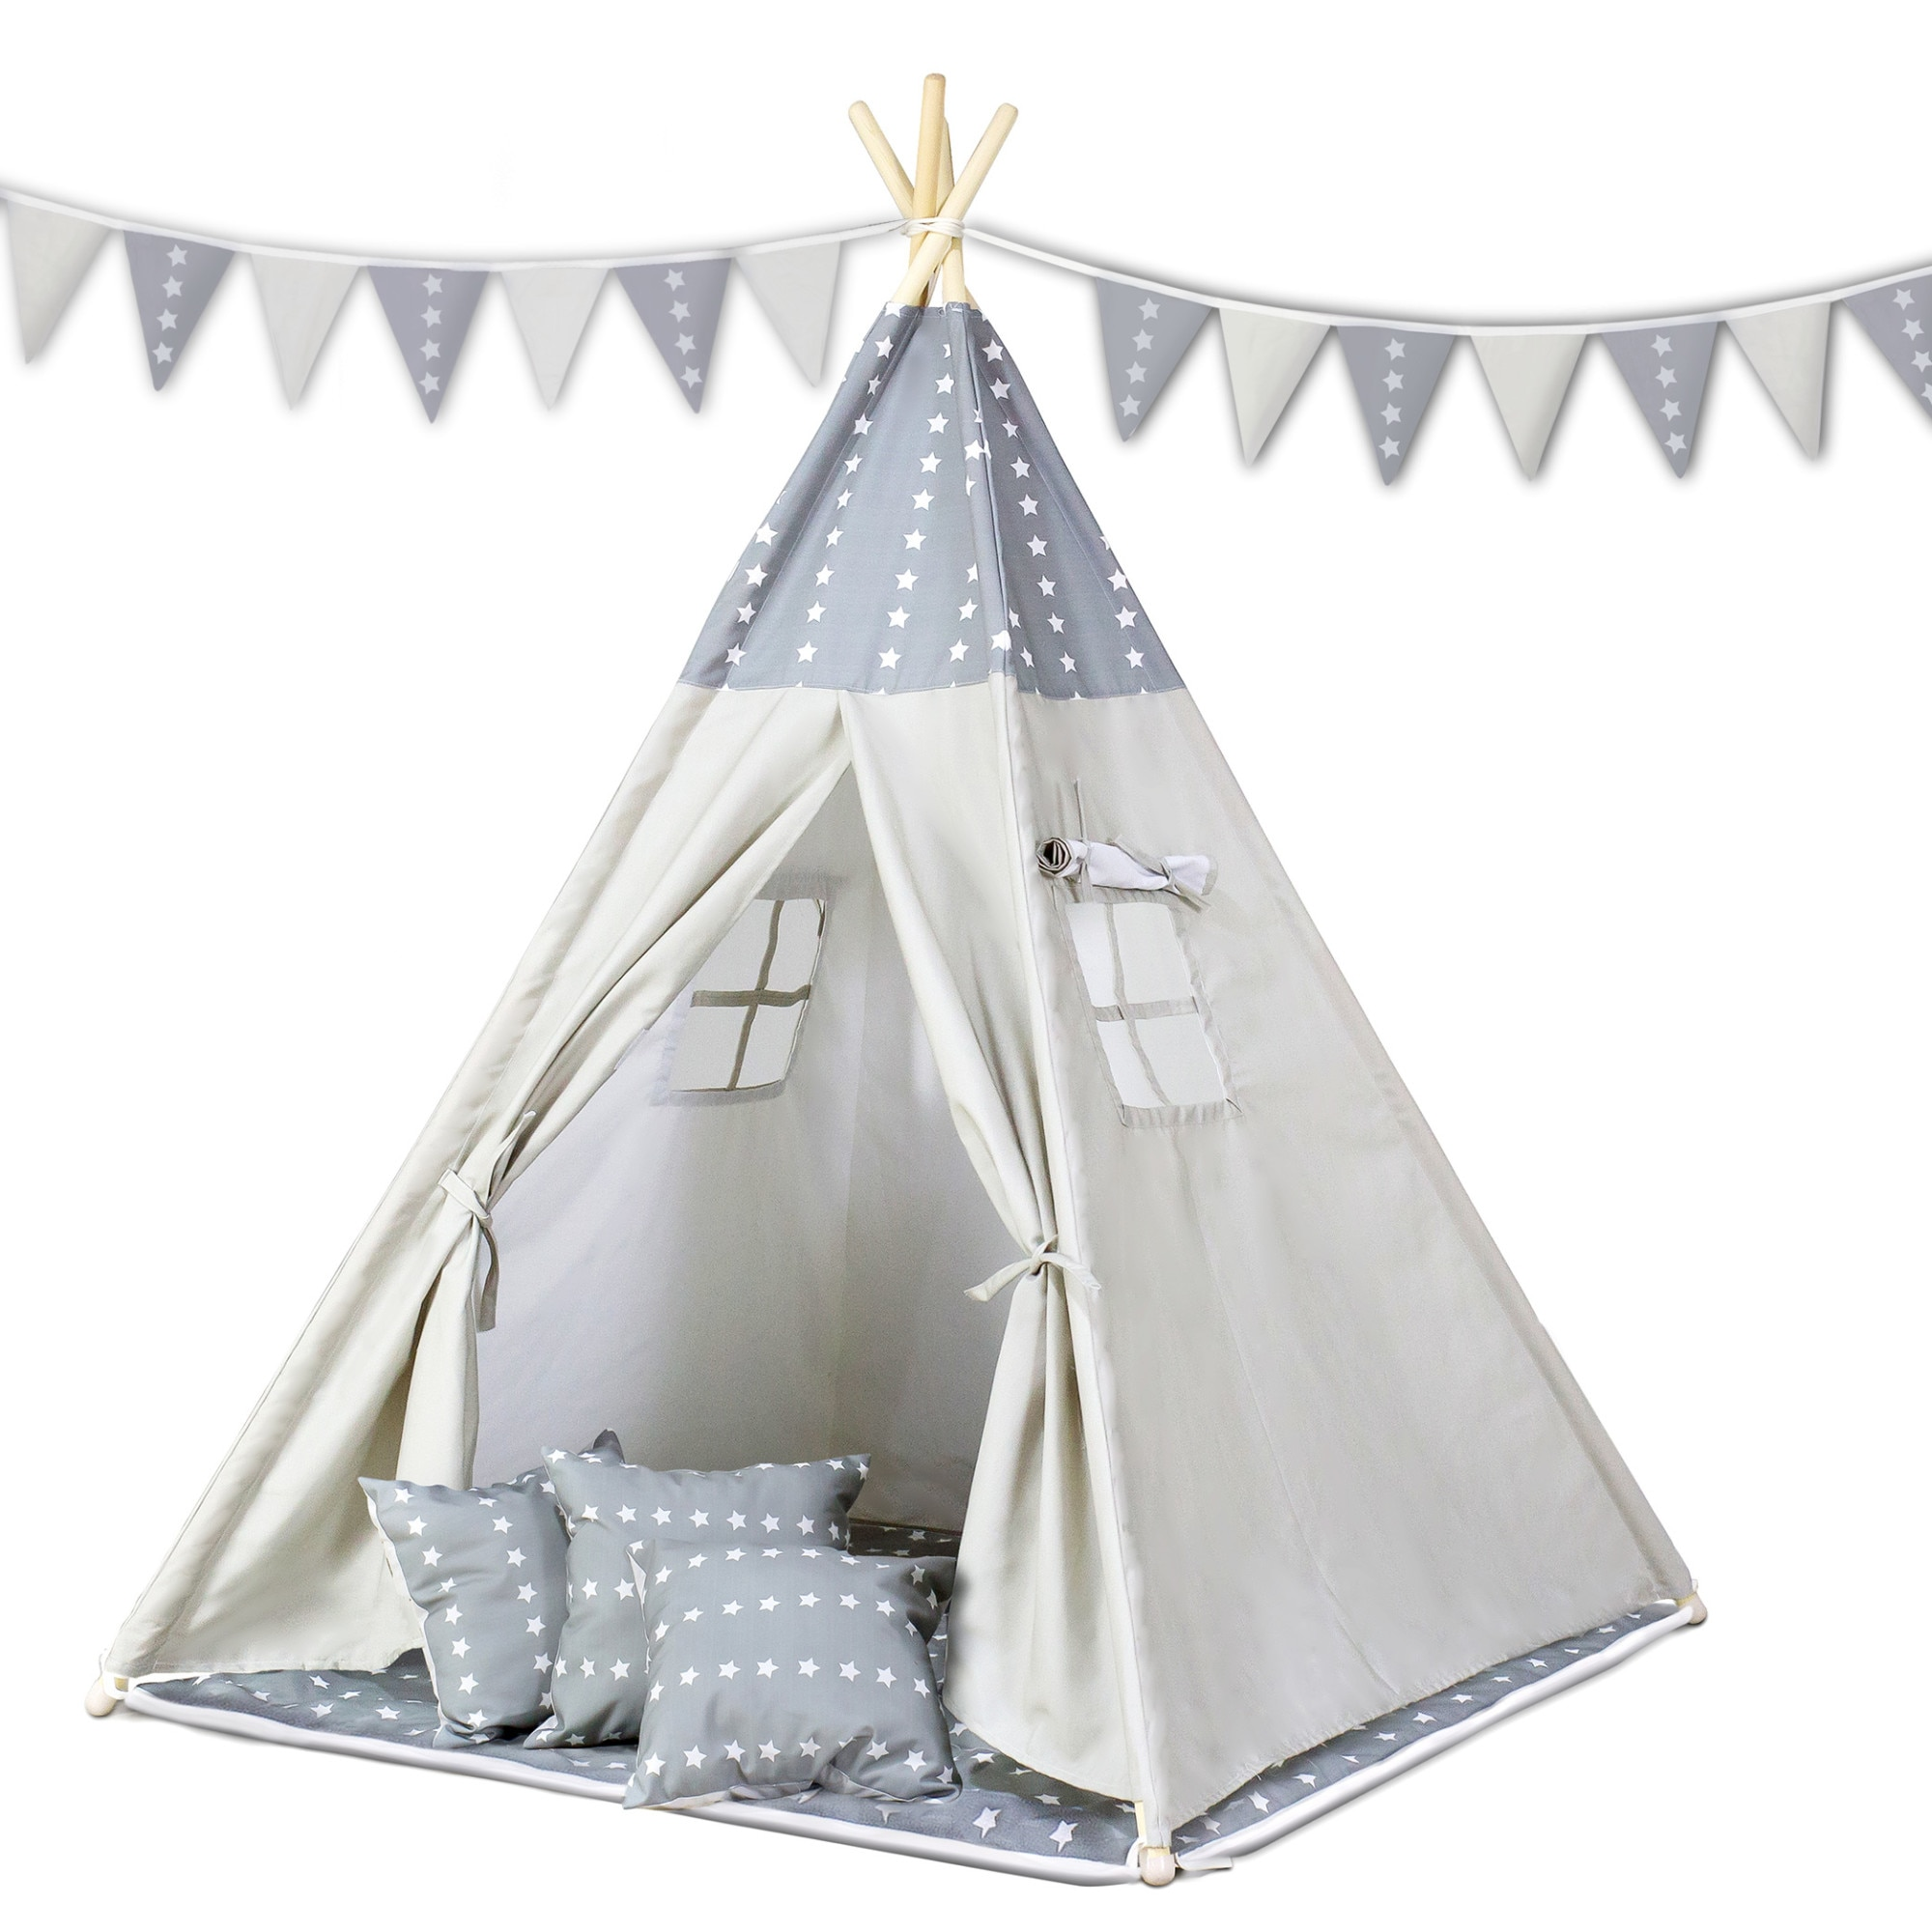 Ricokids, TIPI namiot dla dzieci WIGWAM TEEPEE z poduszkami gwiazdki +girlanda